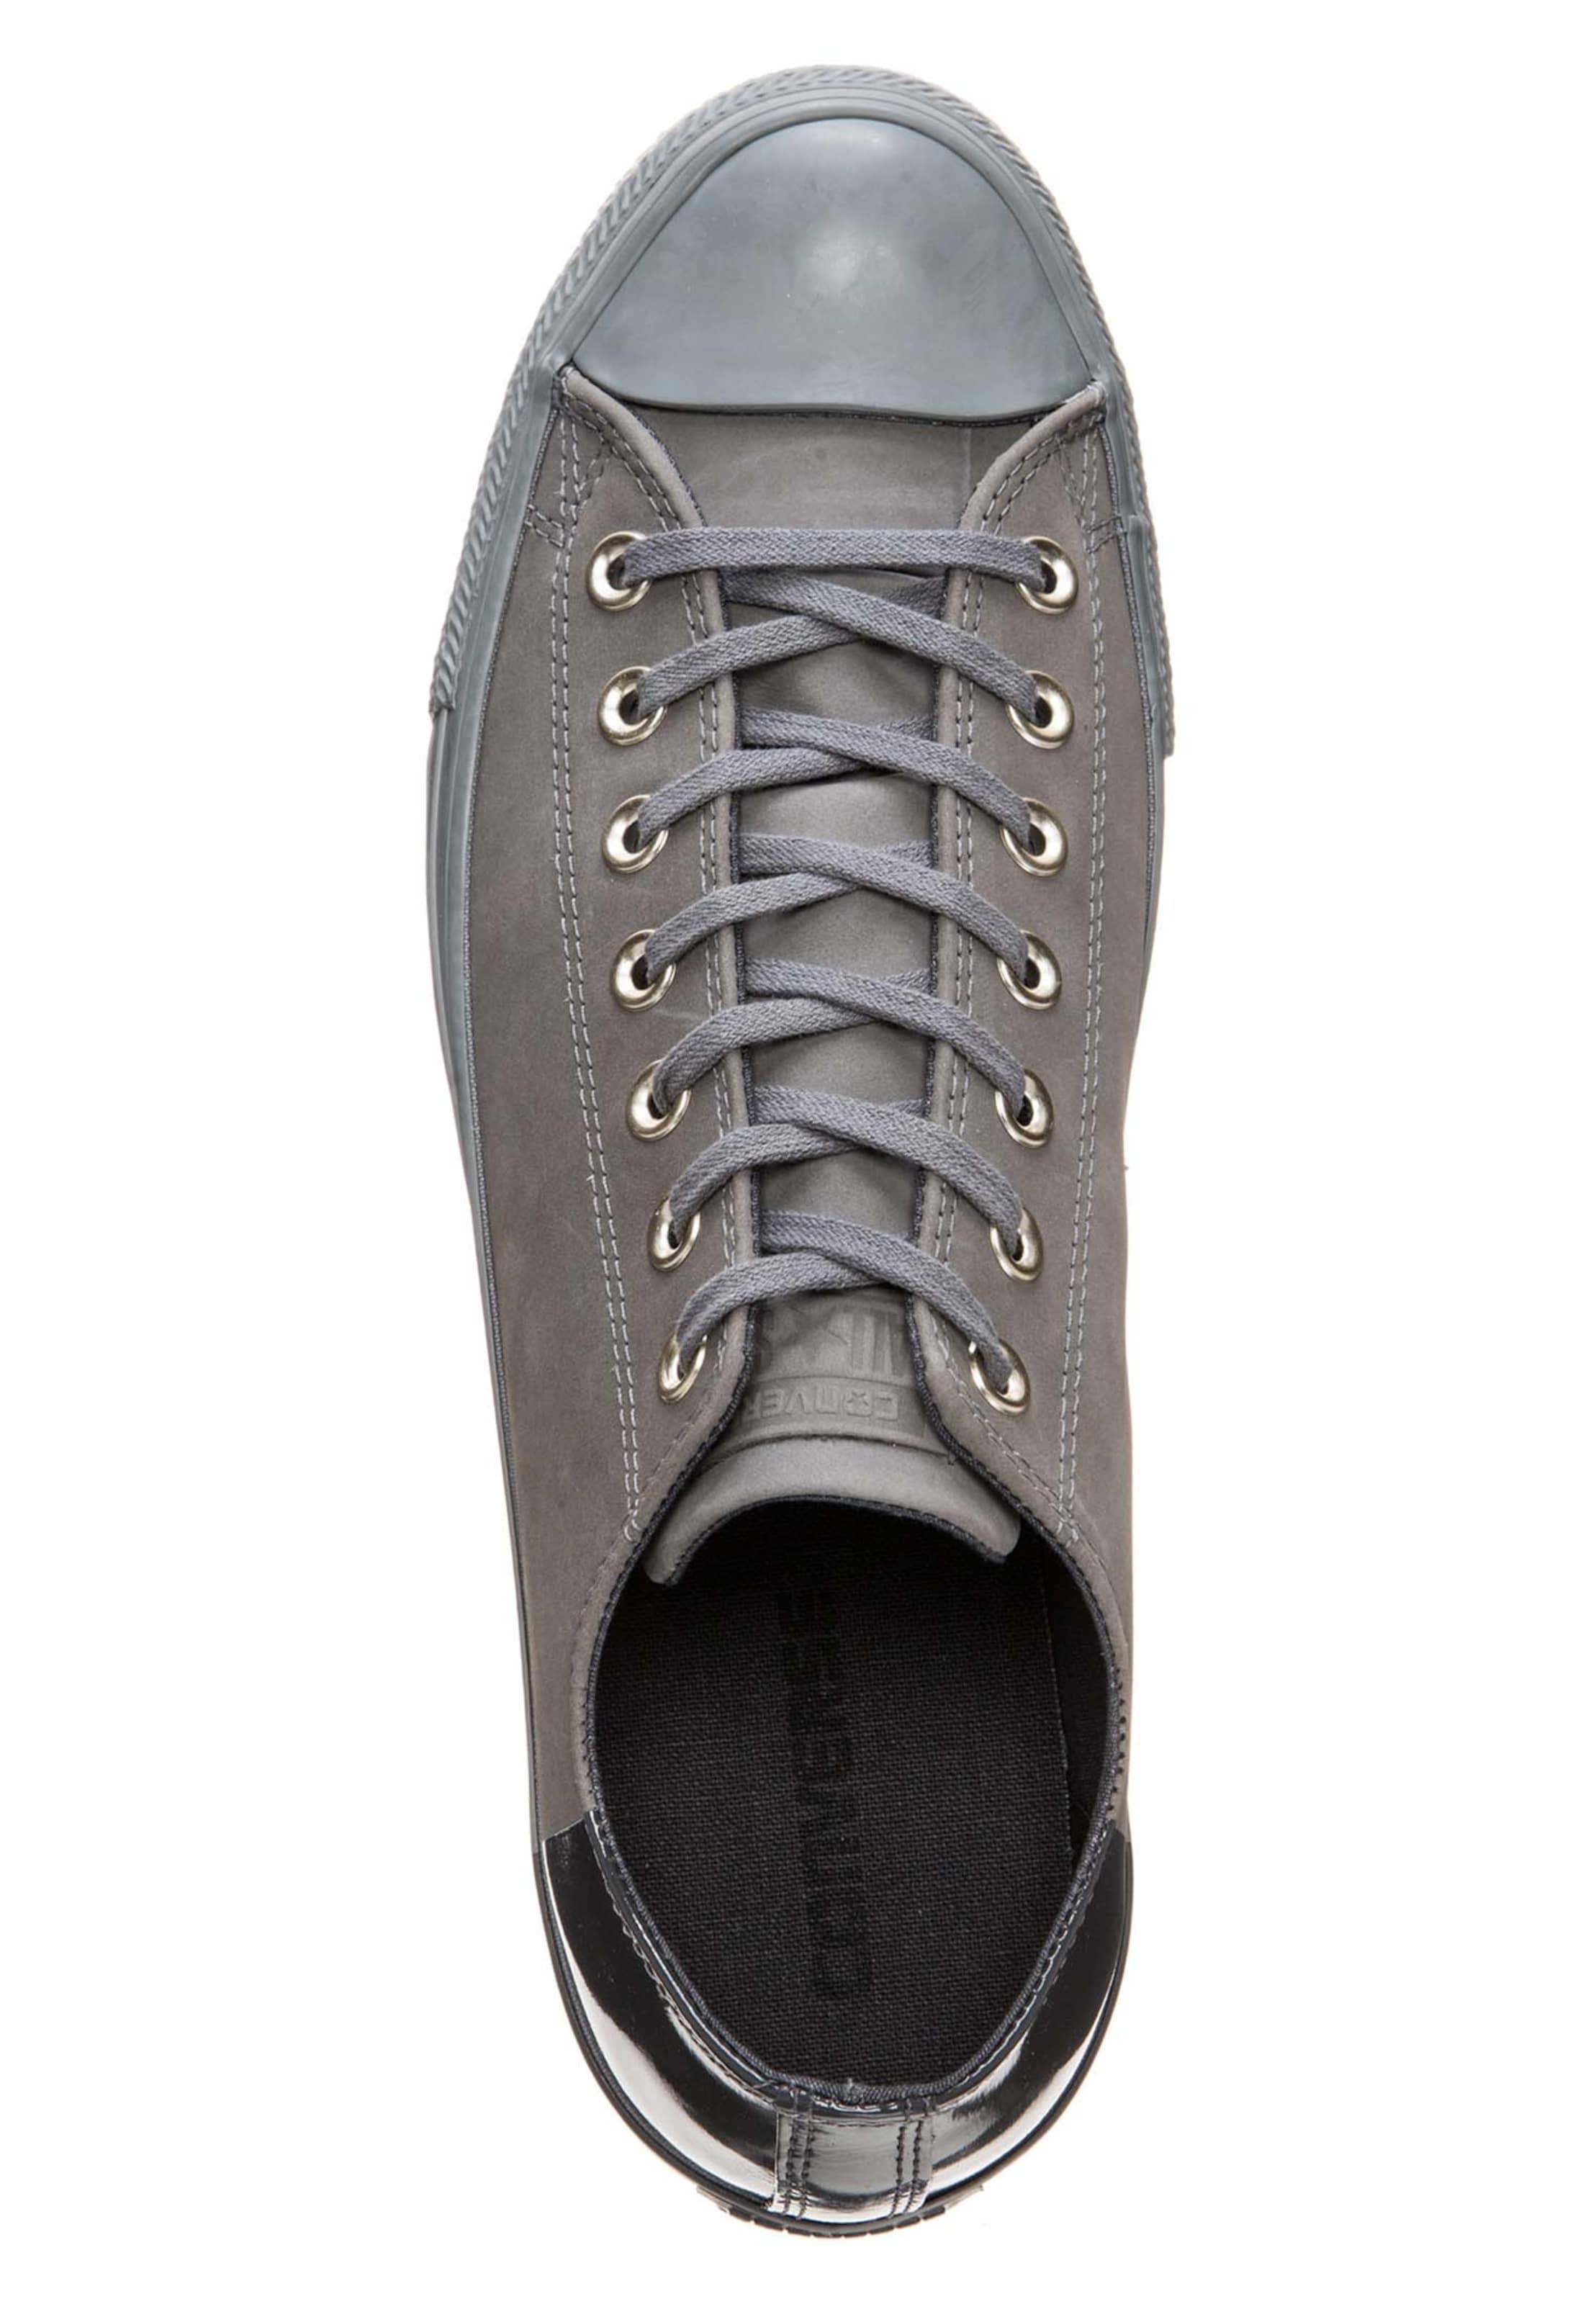 Sneaker 'chuck Converse Taylor Star Ox' All In BraunGrau Yb7vmf6gIy